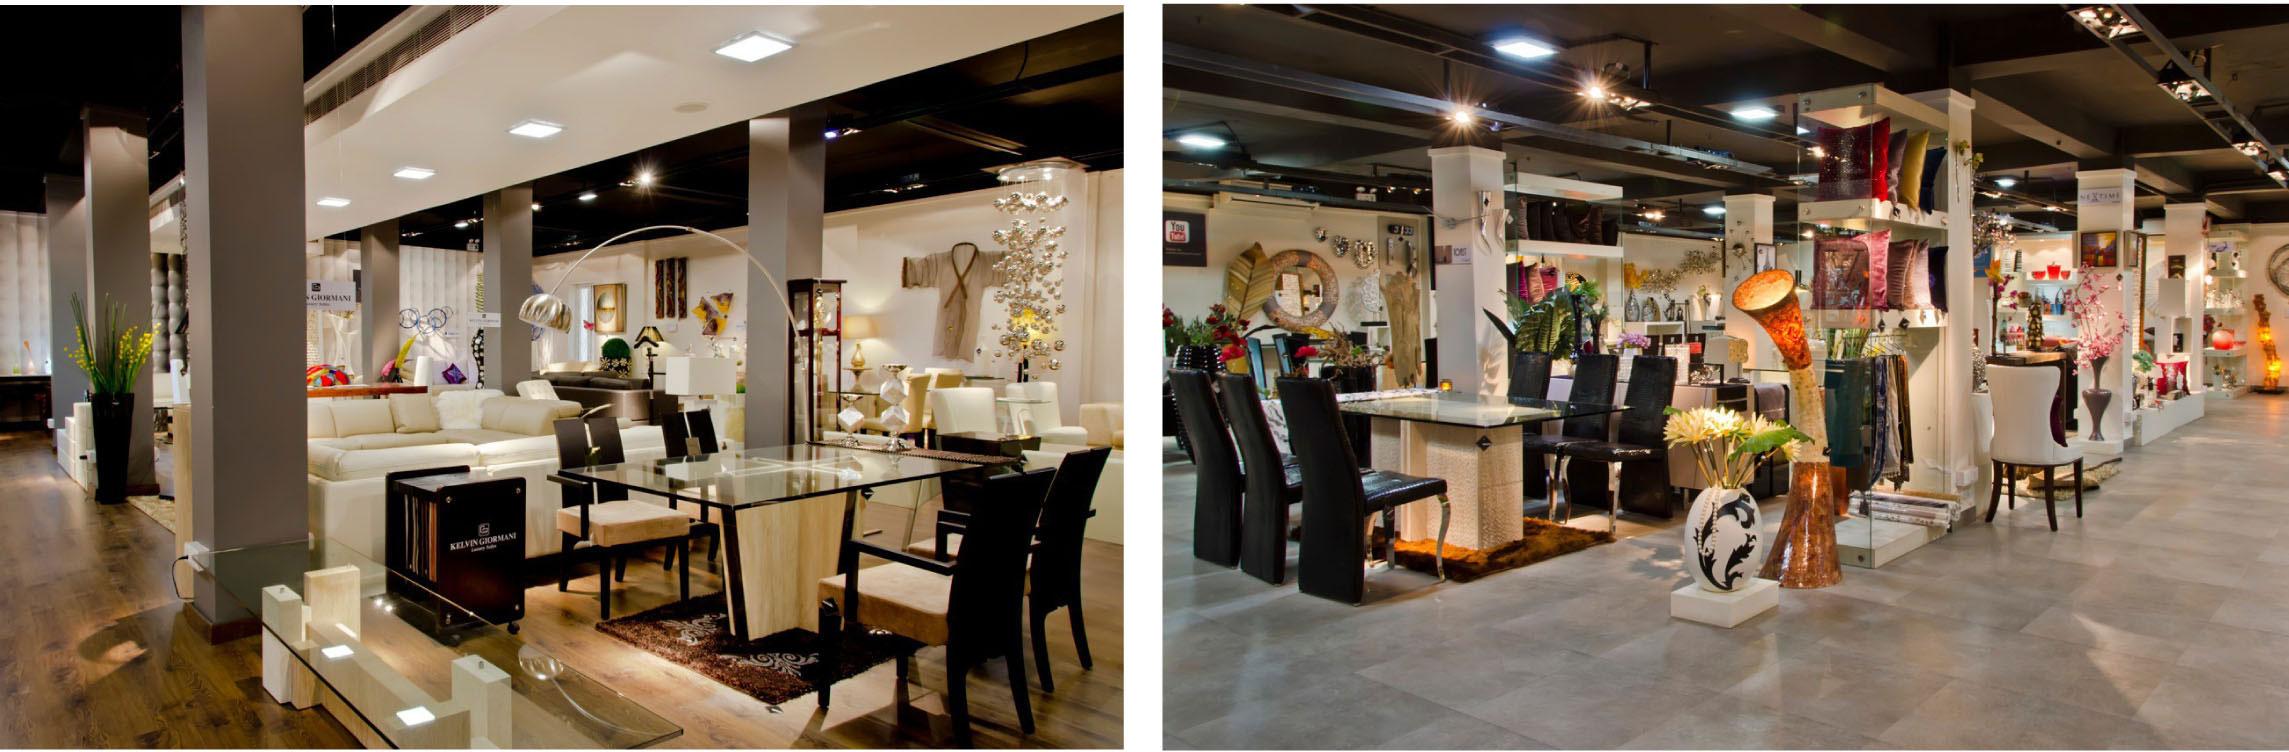 Progetti Srl Carate Brianza india, an important new market for progetti | s. t. unicom